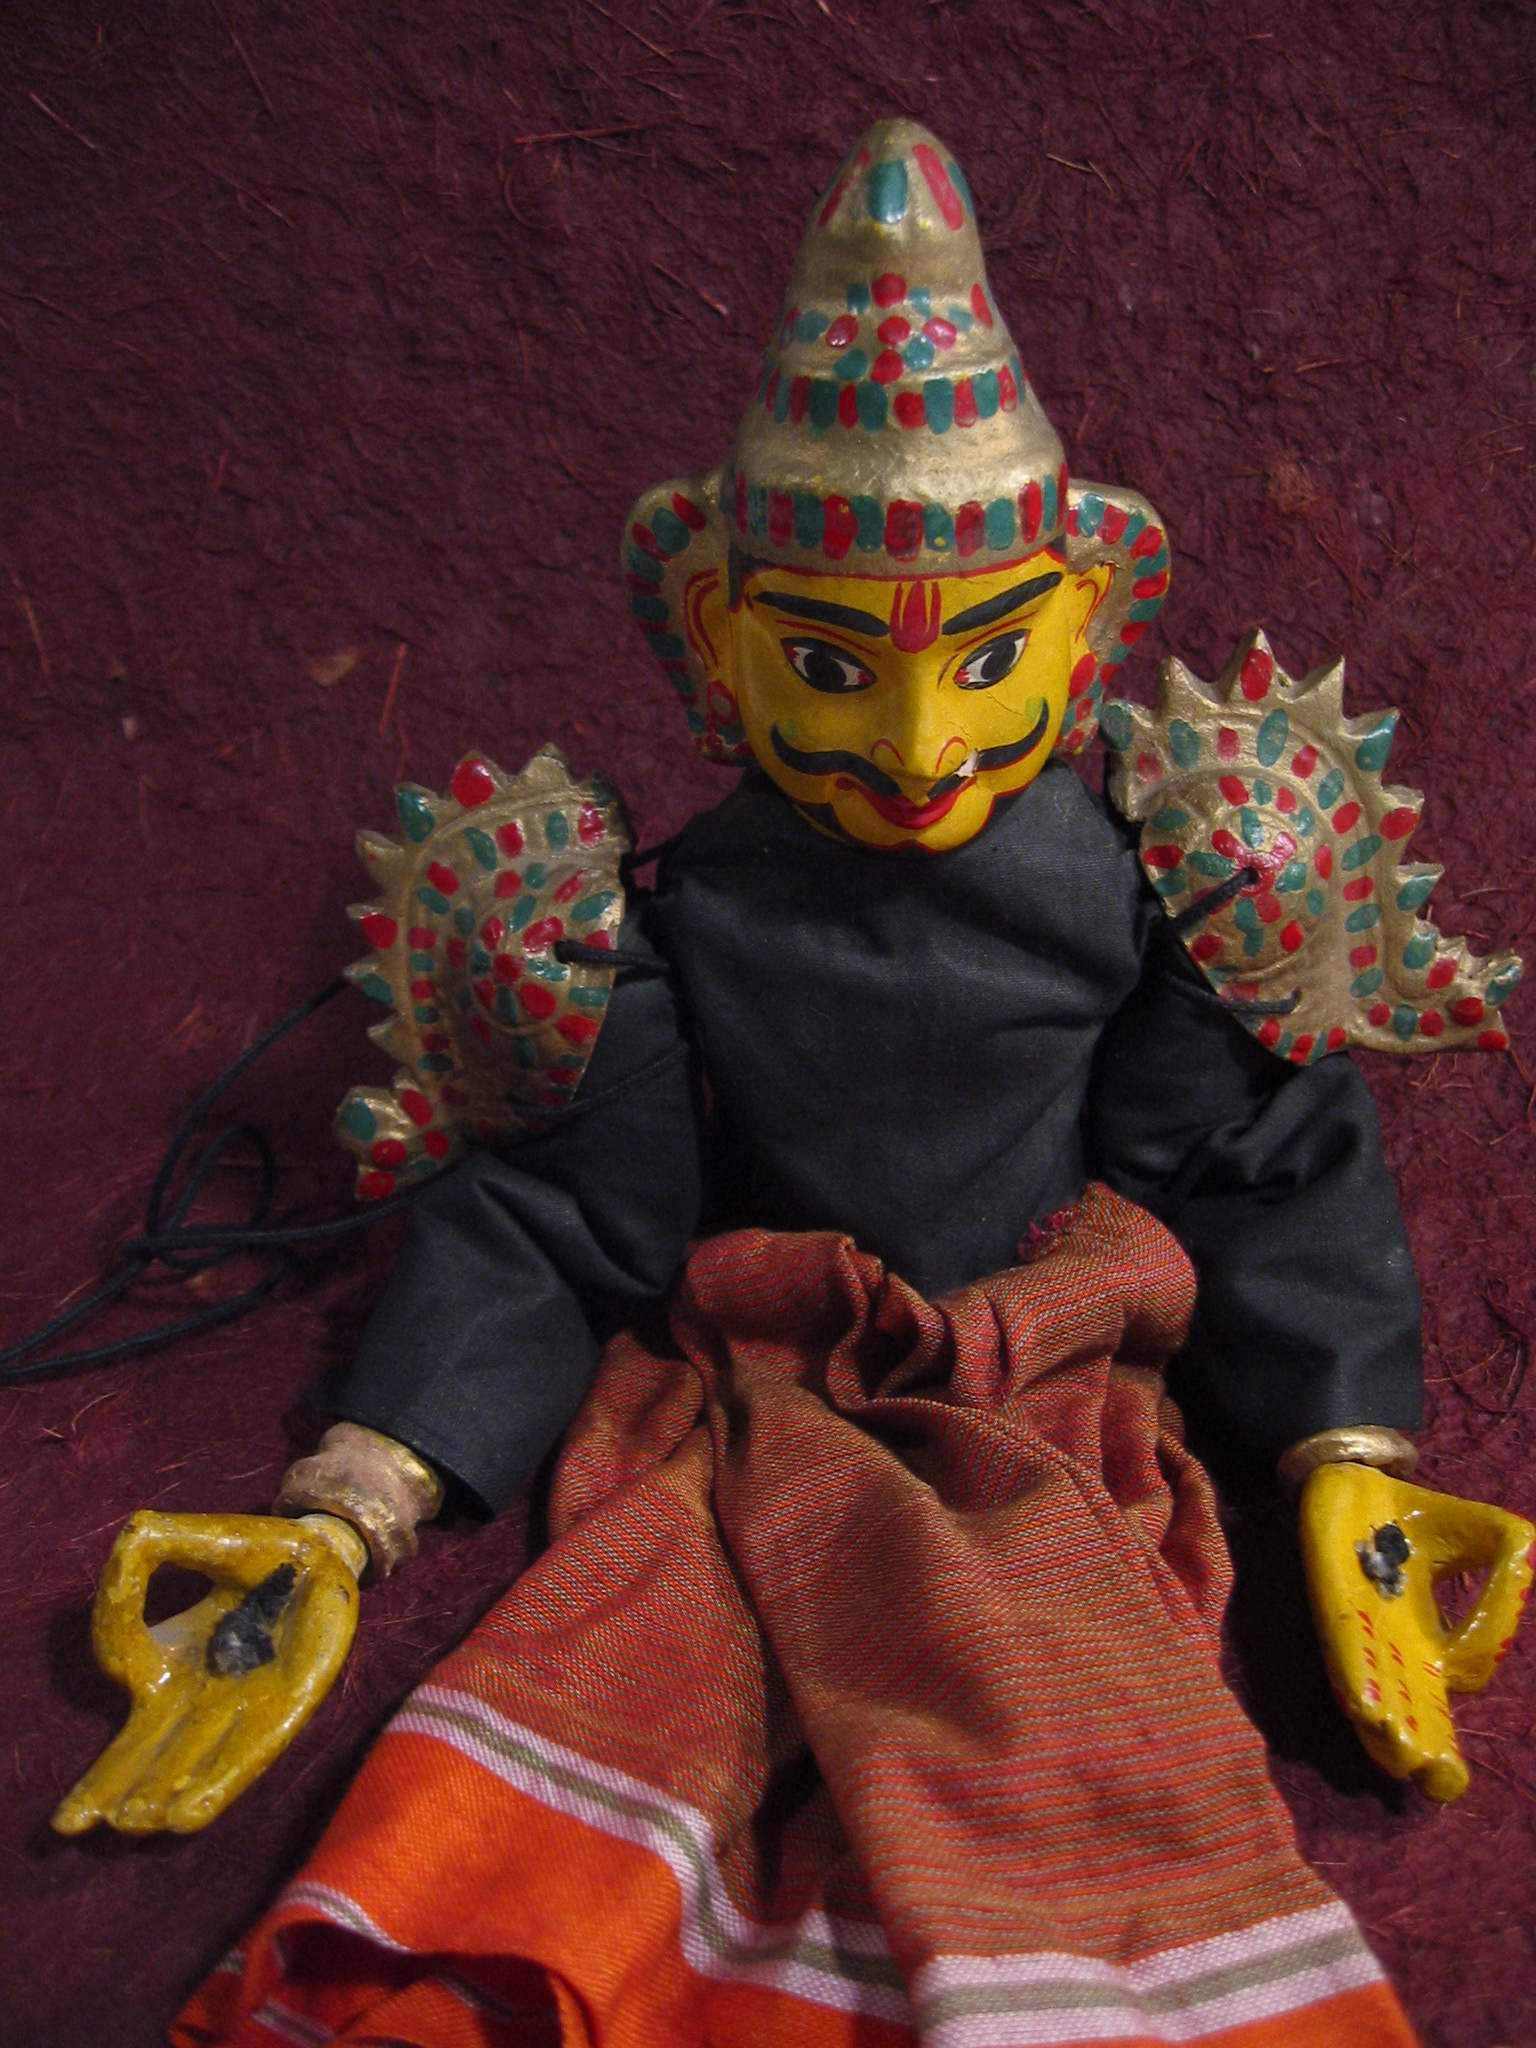 Un personnage masculin. Une petite marionnette à fils, sutrada gombeyata, hauteur : 37 cm (Karnataka, Inde). Collection : Center for Puppetry Arts (Atlanta, Géorgie, États-Unis)